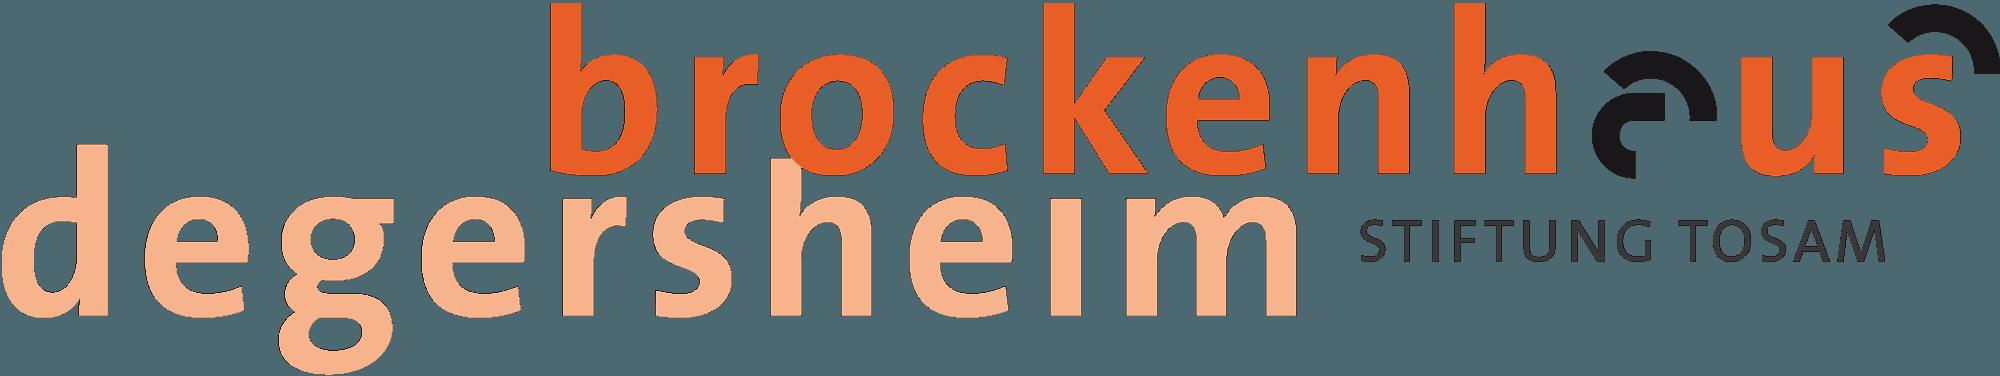 Brockenhaus Degersheim Stiftung Tosam